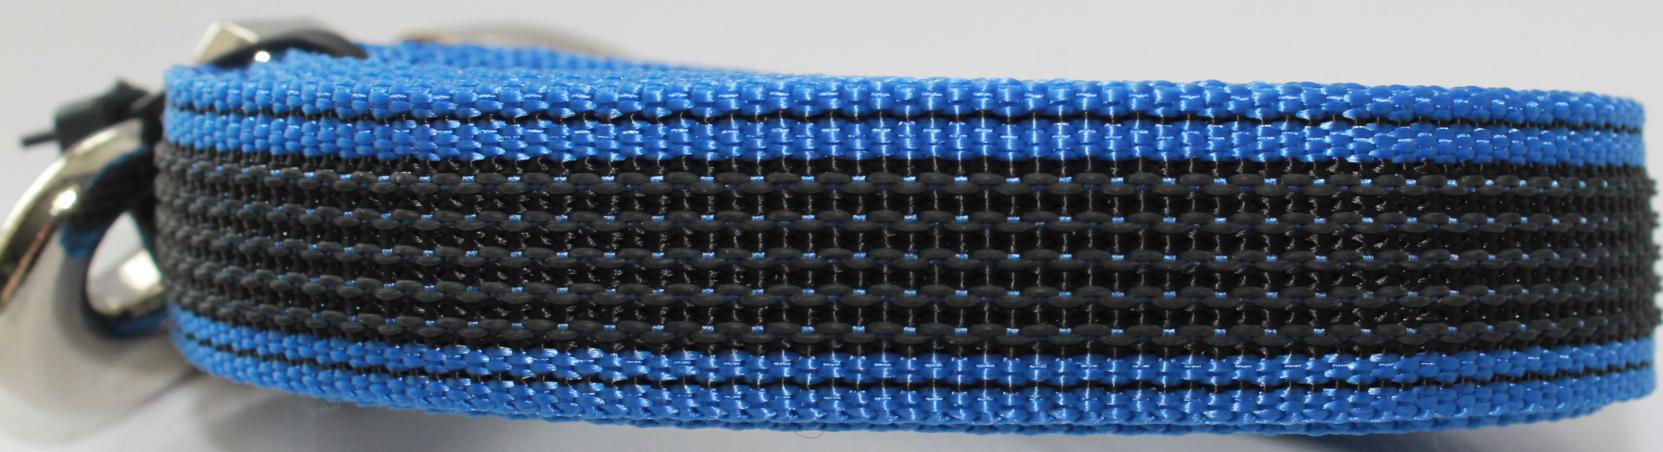 Поводок для собак Happy Friends, нескользящий, цвет: синий, ширина 2 см, длина 1,20 м поводок для собак happy house luxury цвет темно коричневый длина 125 см